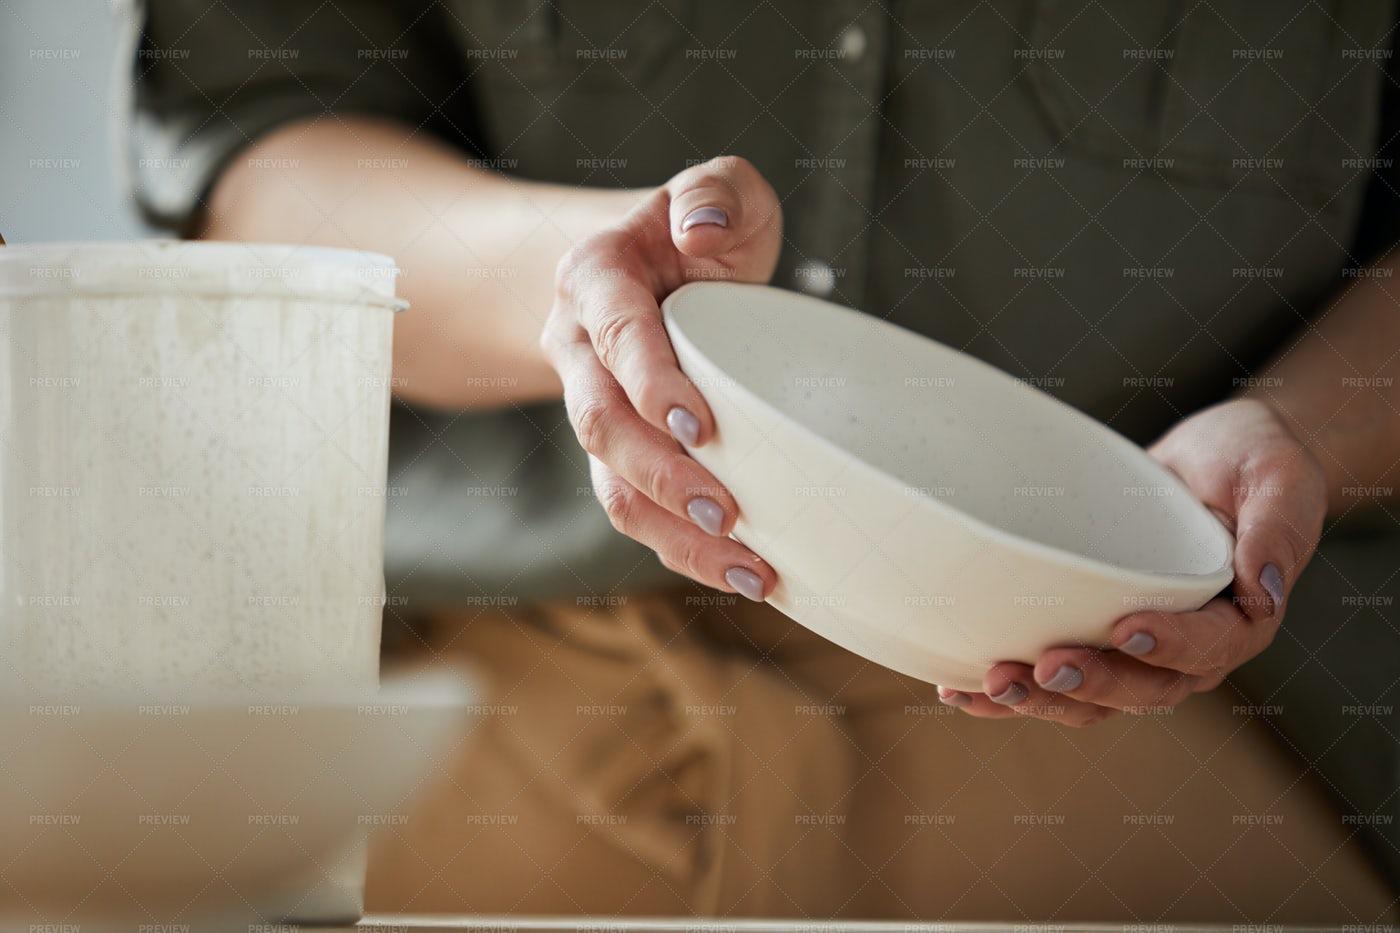 Beutiful Handmade Plate: Stock Photos